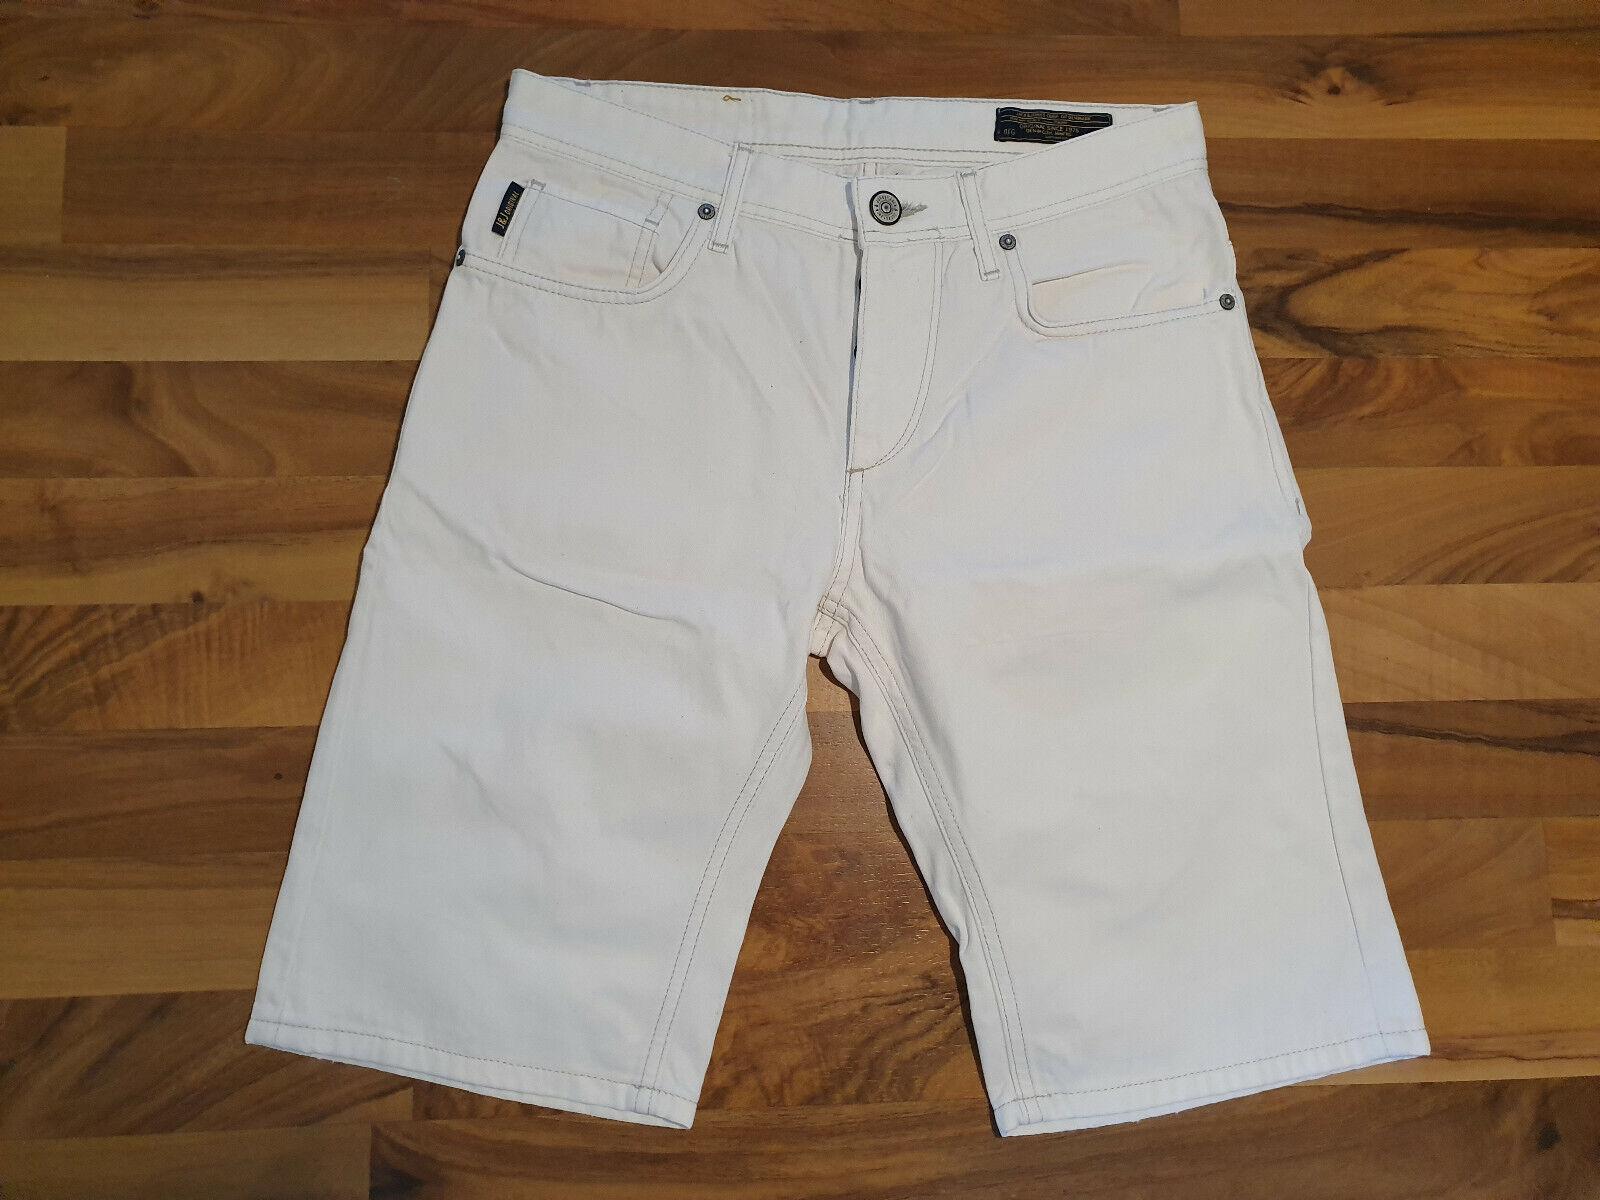 Jack & Jones Rick Original Herren Kurze Jeans Hose größe S (#559)